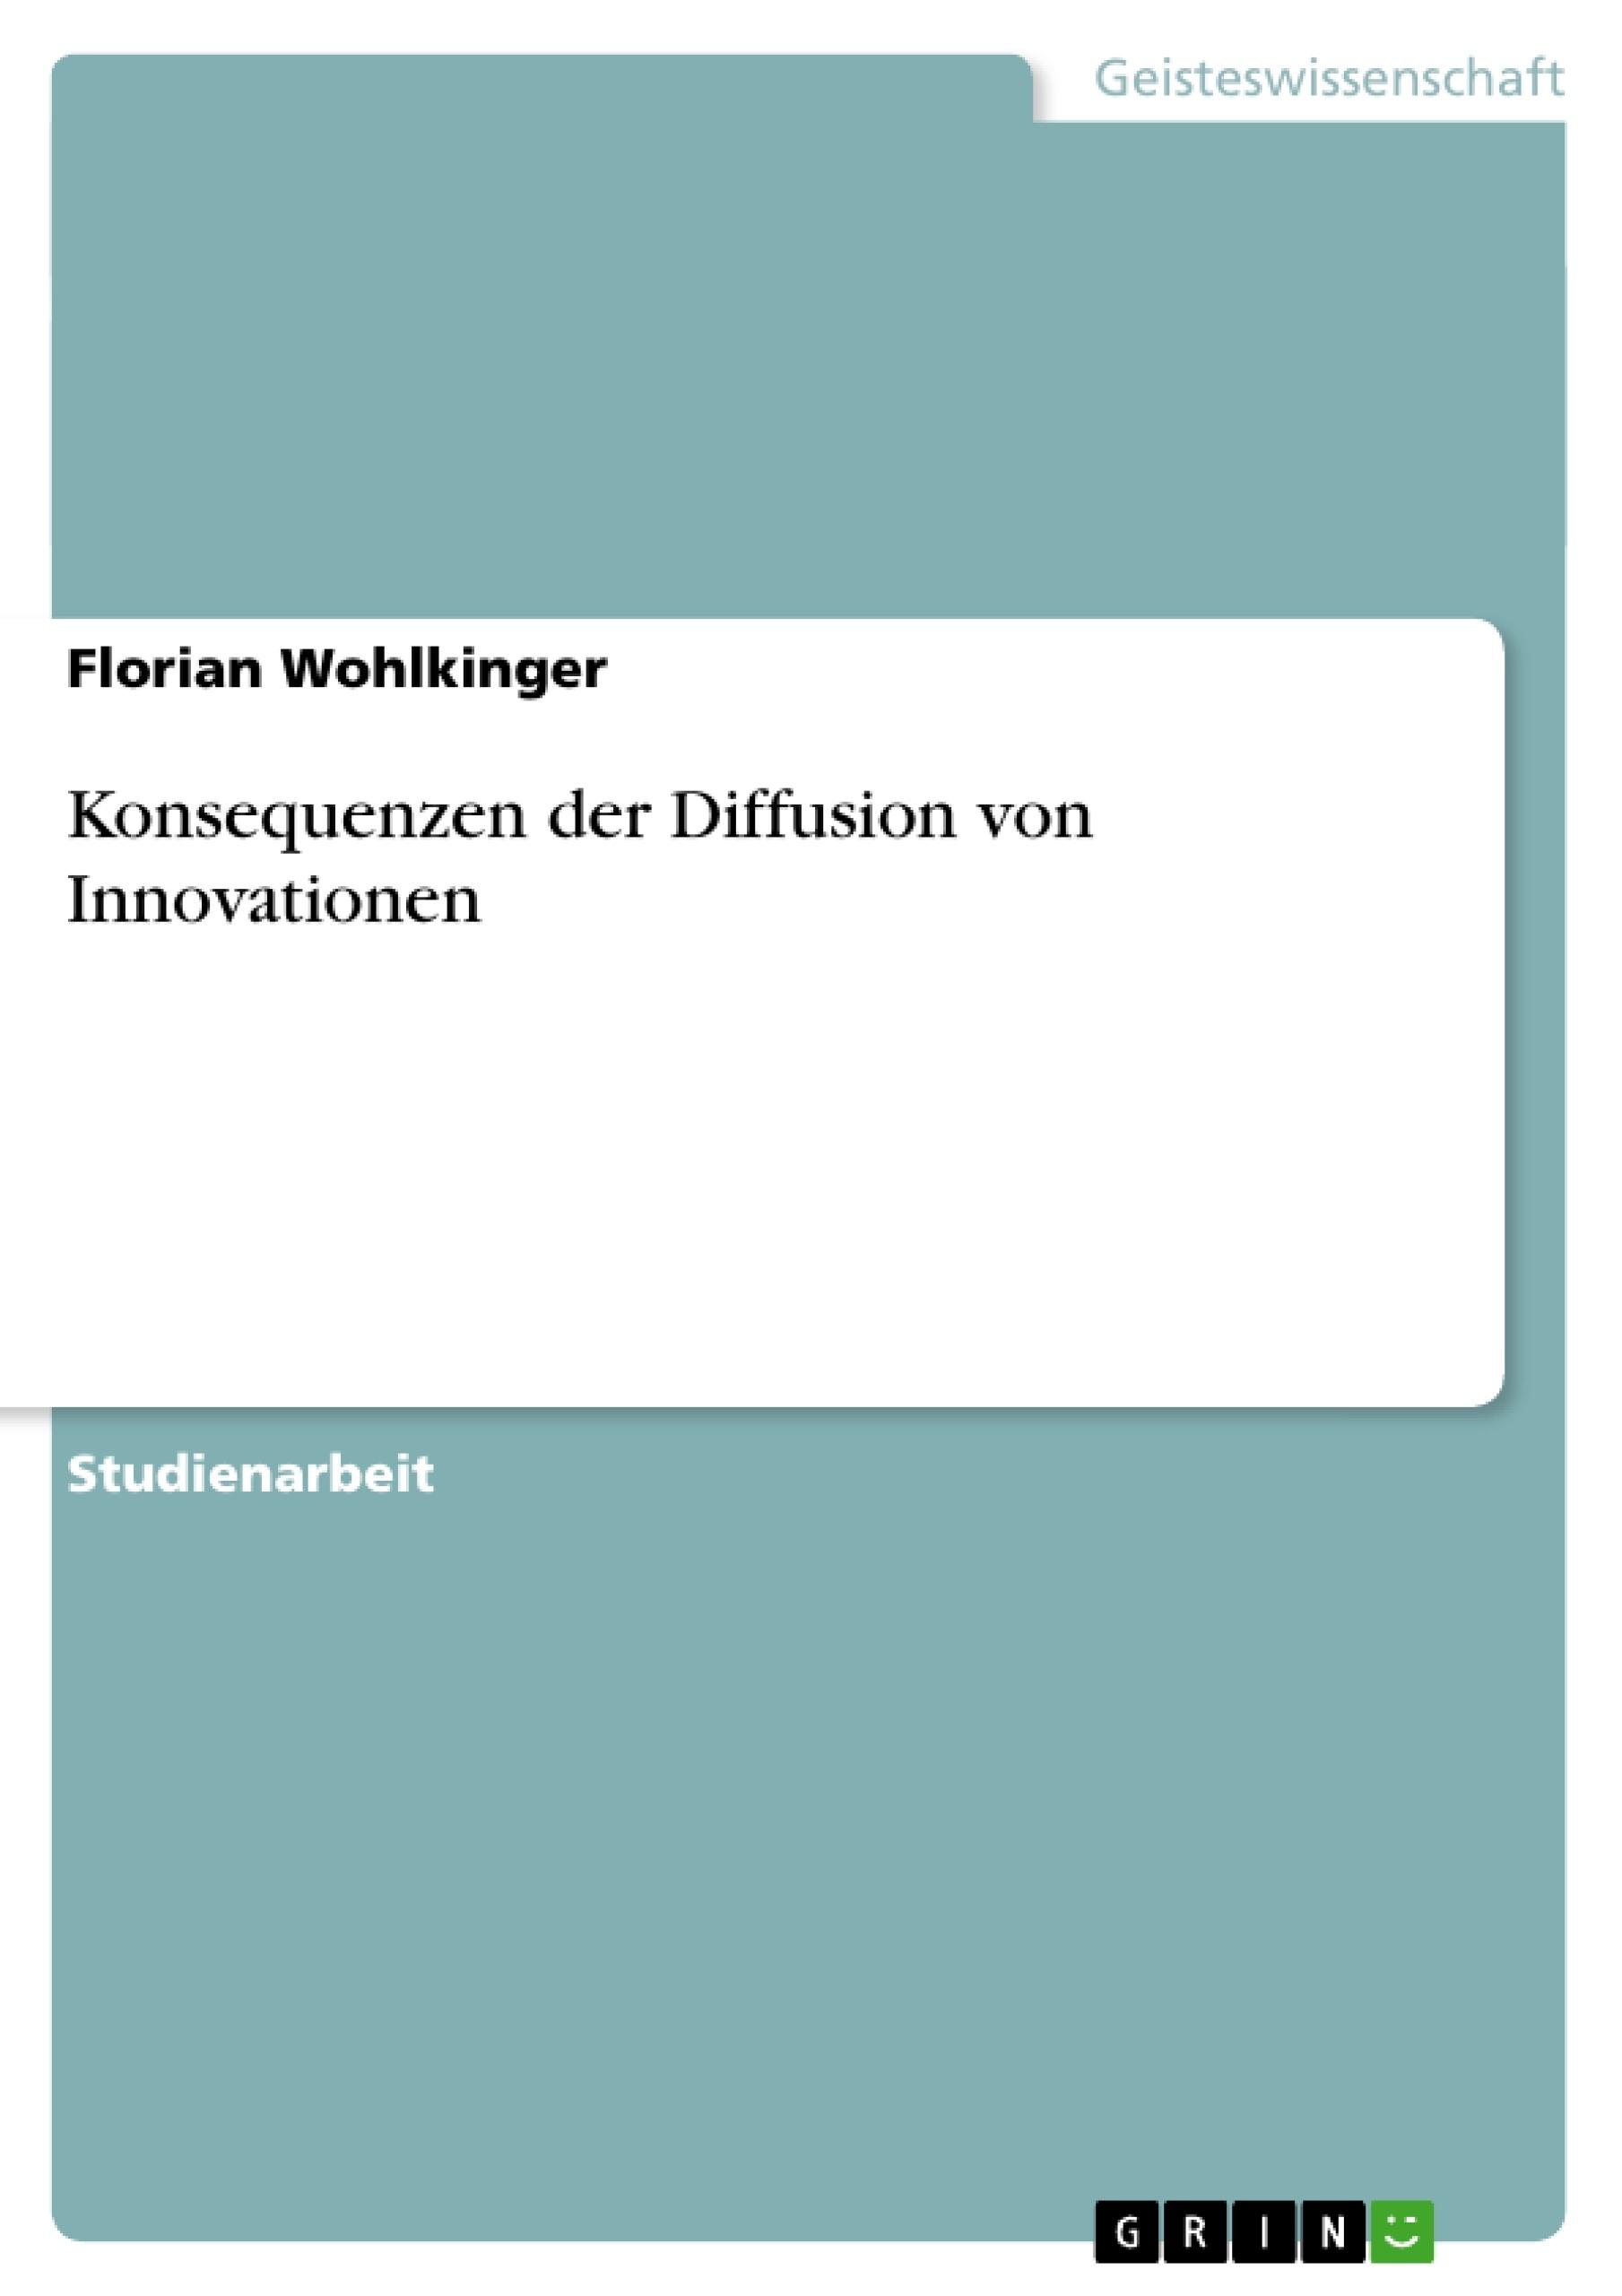 Titel: Konsequenzen der Diffusion von Innovationen